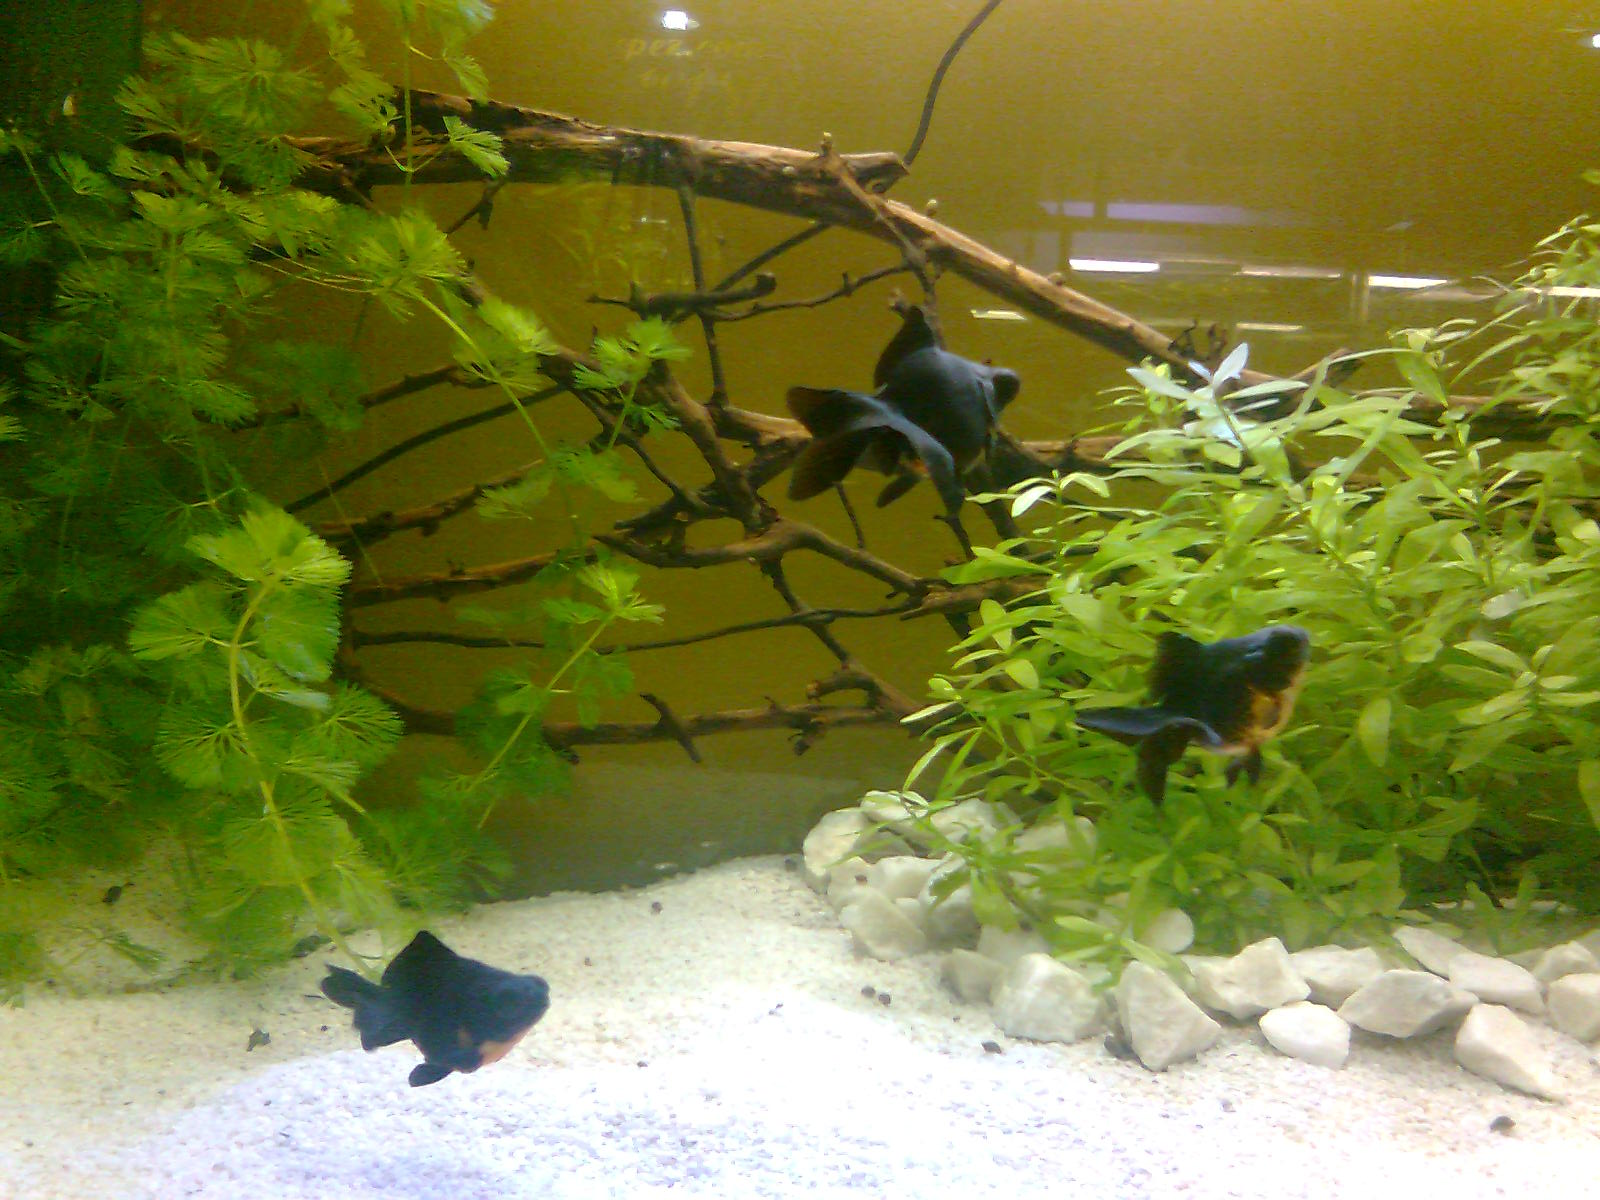 Acuarios decorpez dise os de acuarios for Disenos de acuarios